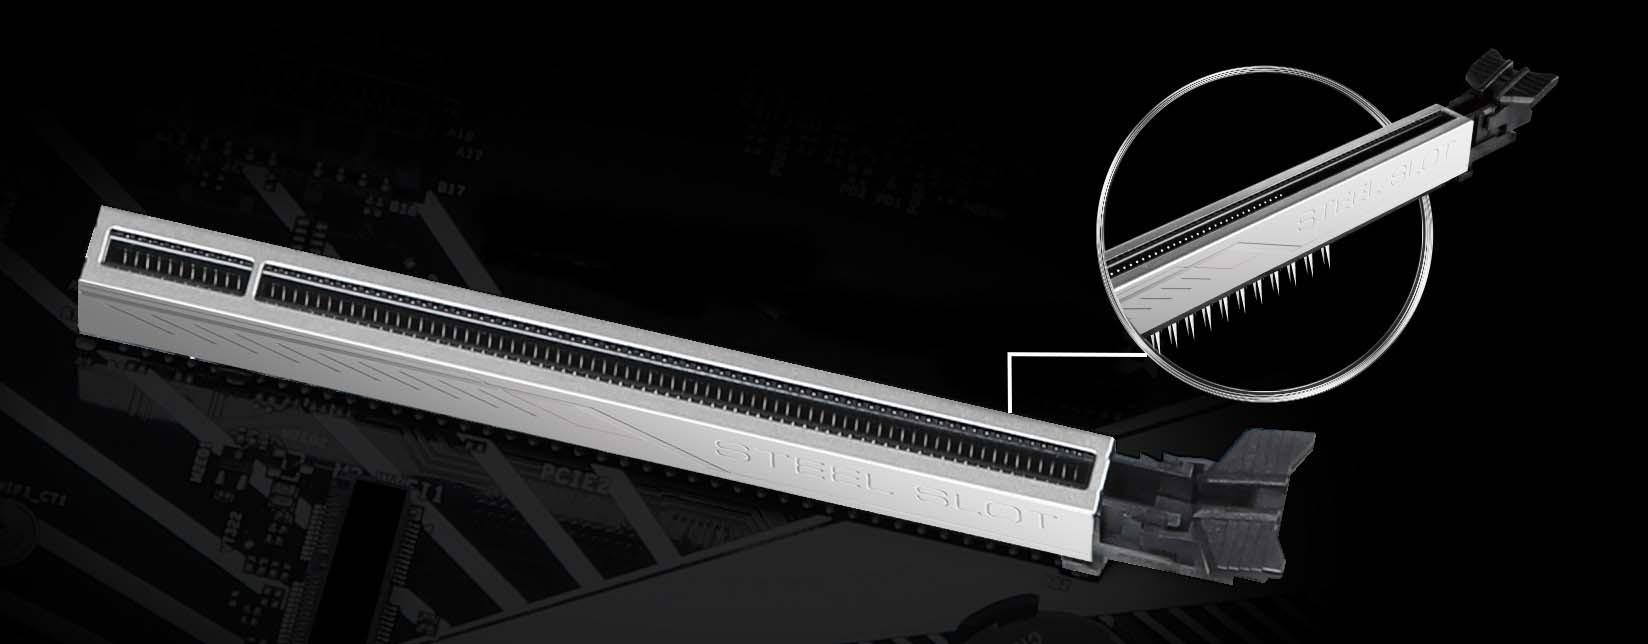 PCIeSteel-ASROCK Z490M Pro4